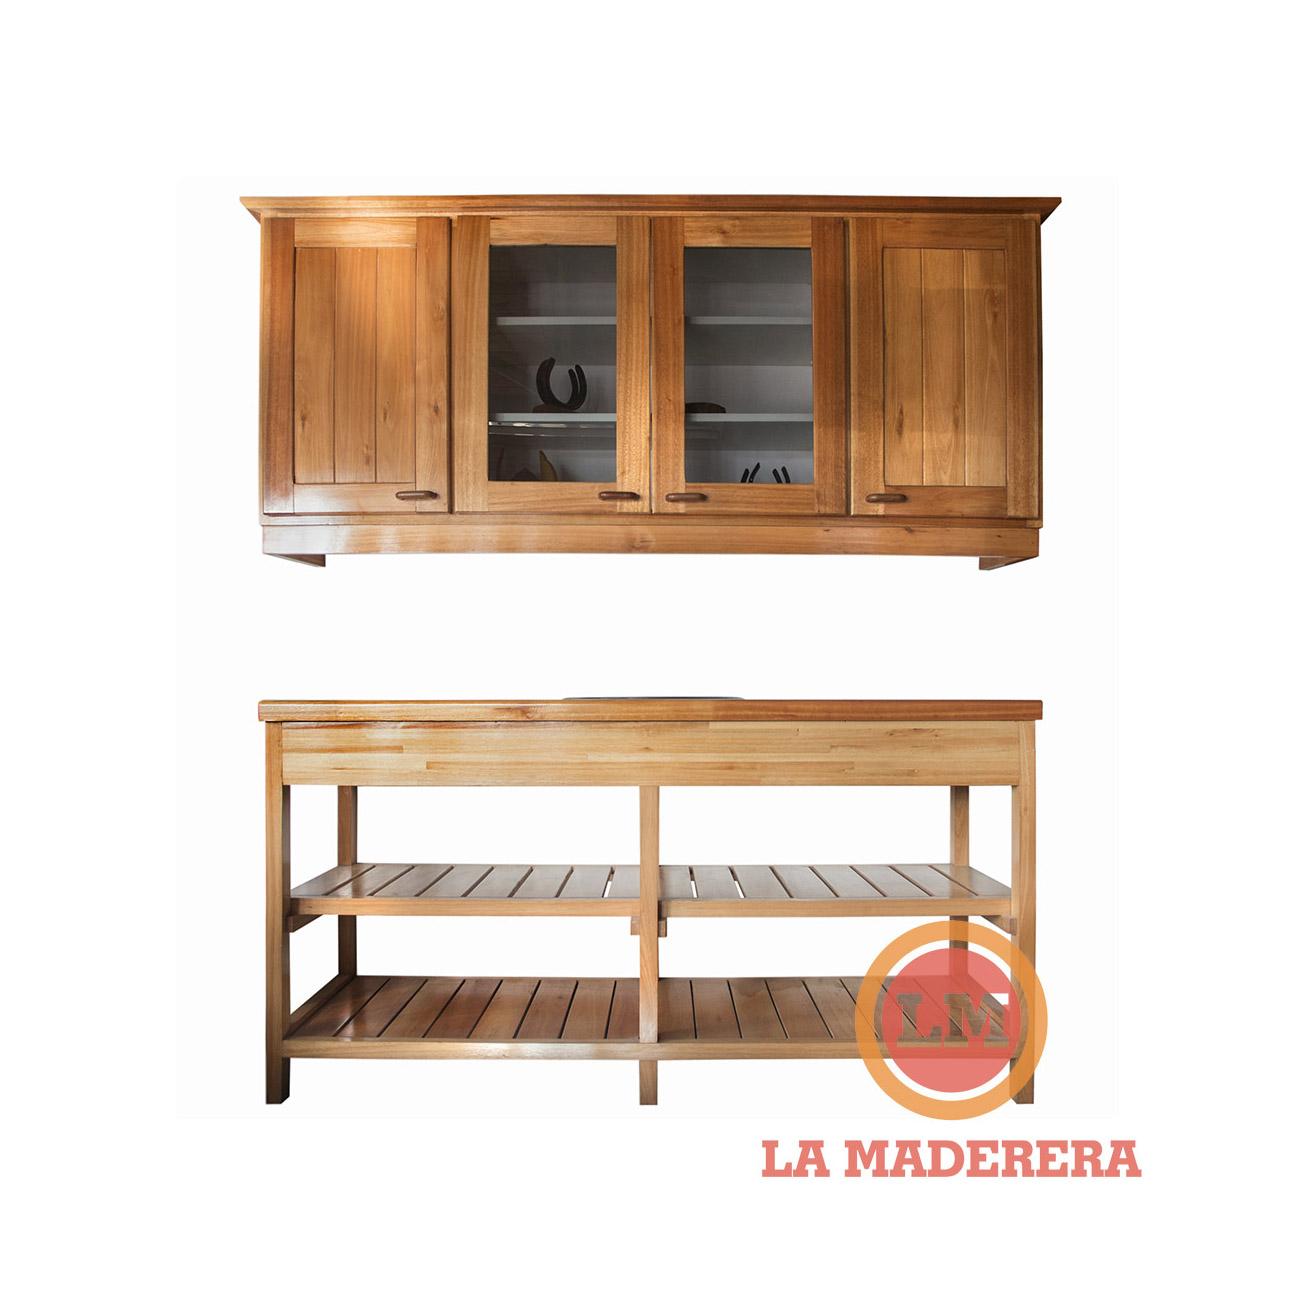 Mueble Bajo Mesada Alacena Con Bacha Incluida En Saligna